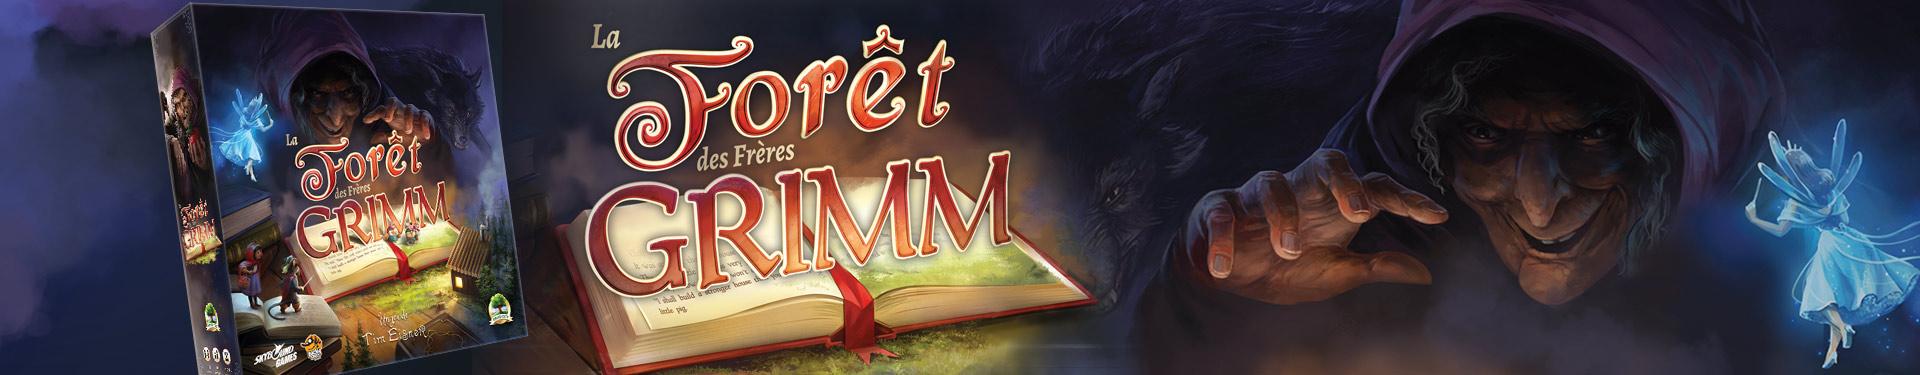 Les Forêts des Frères Grimm